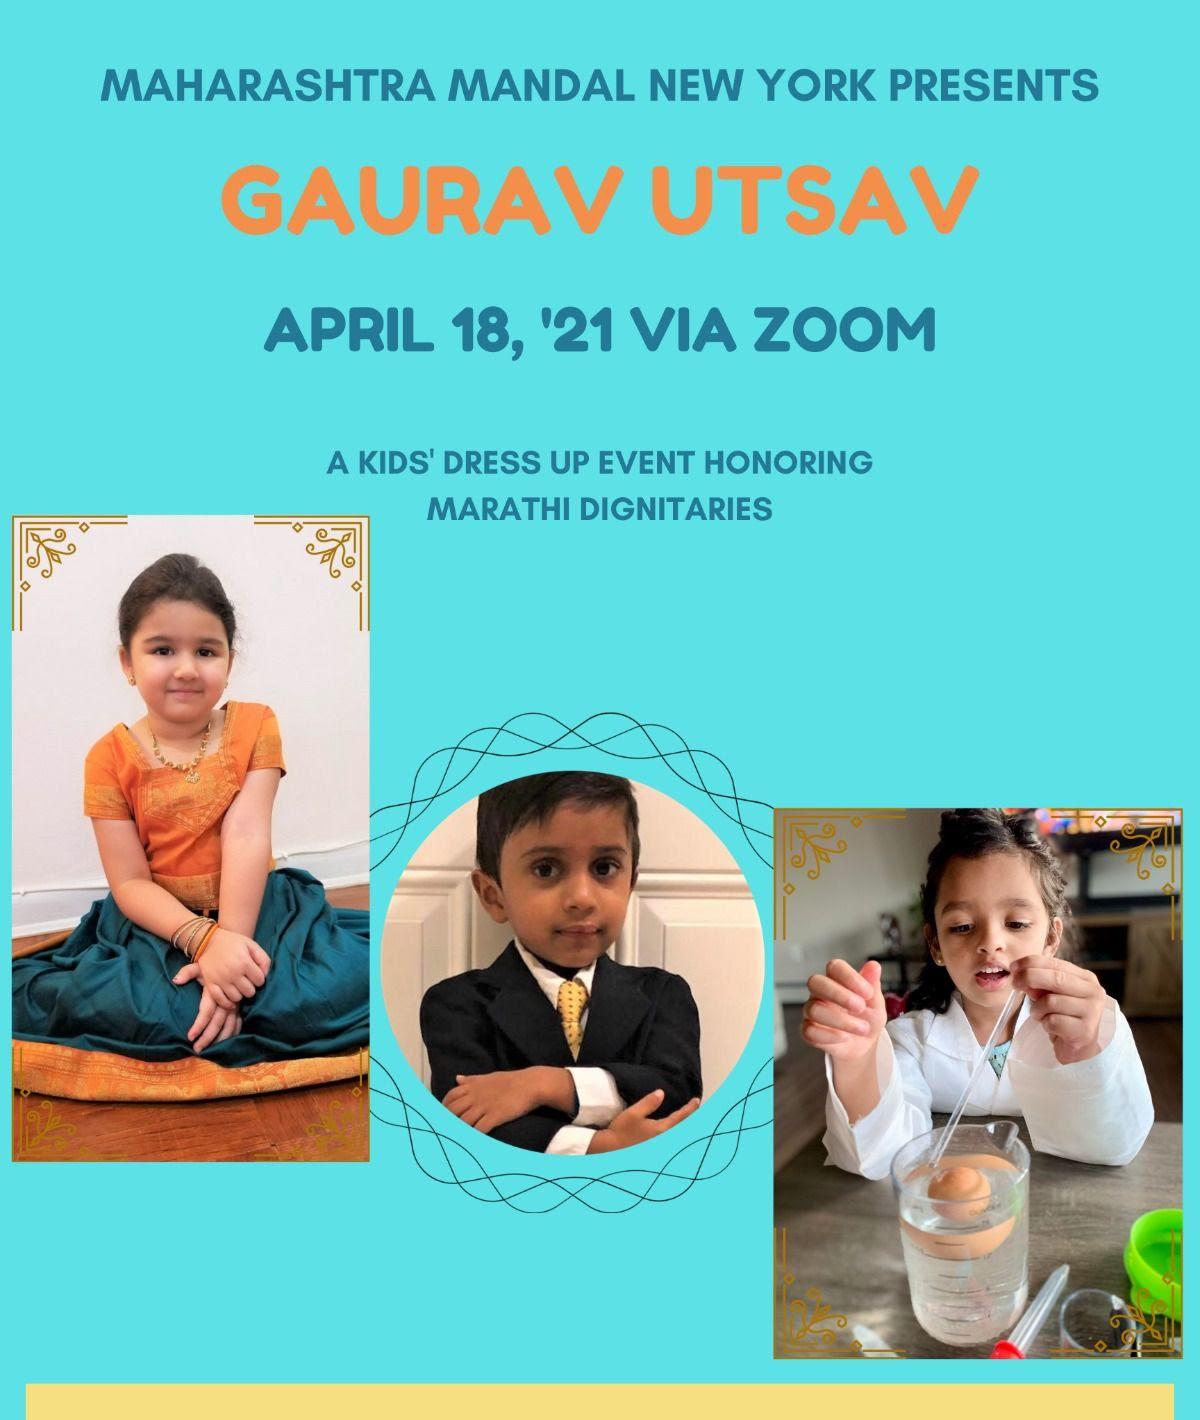 Gaurav Utsav